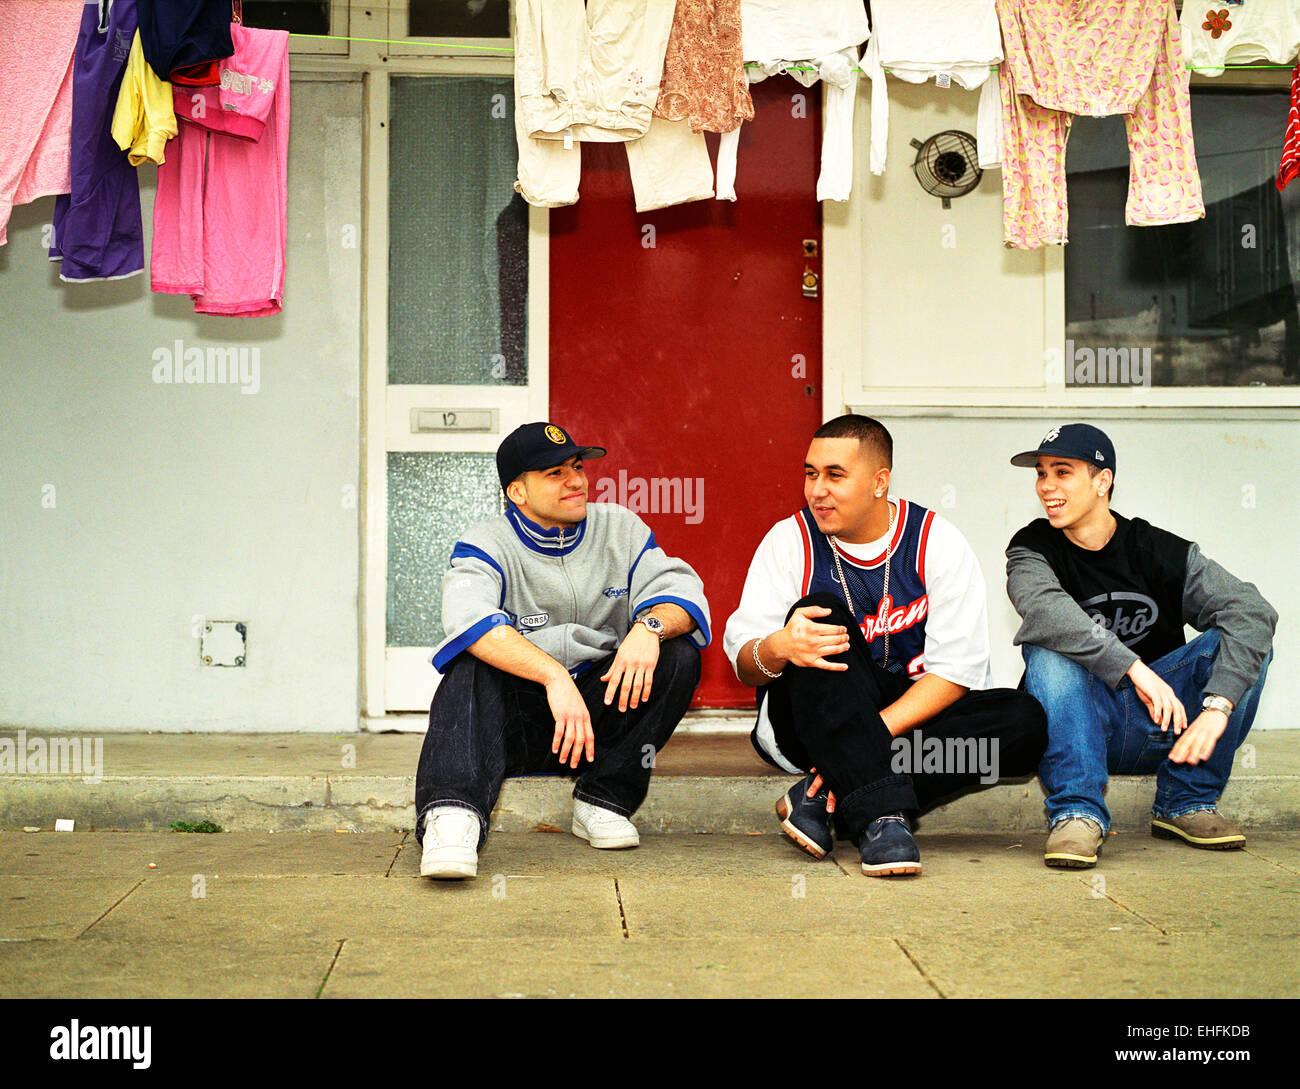 Clan latine photographié sur le terrain où ils vivent dans la rue Edgware Londres. Photo Stock